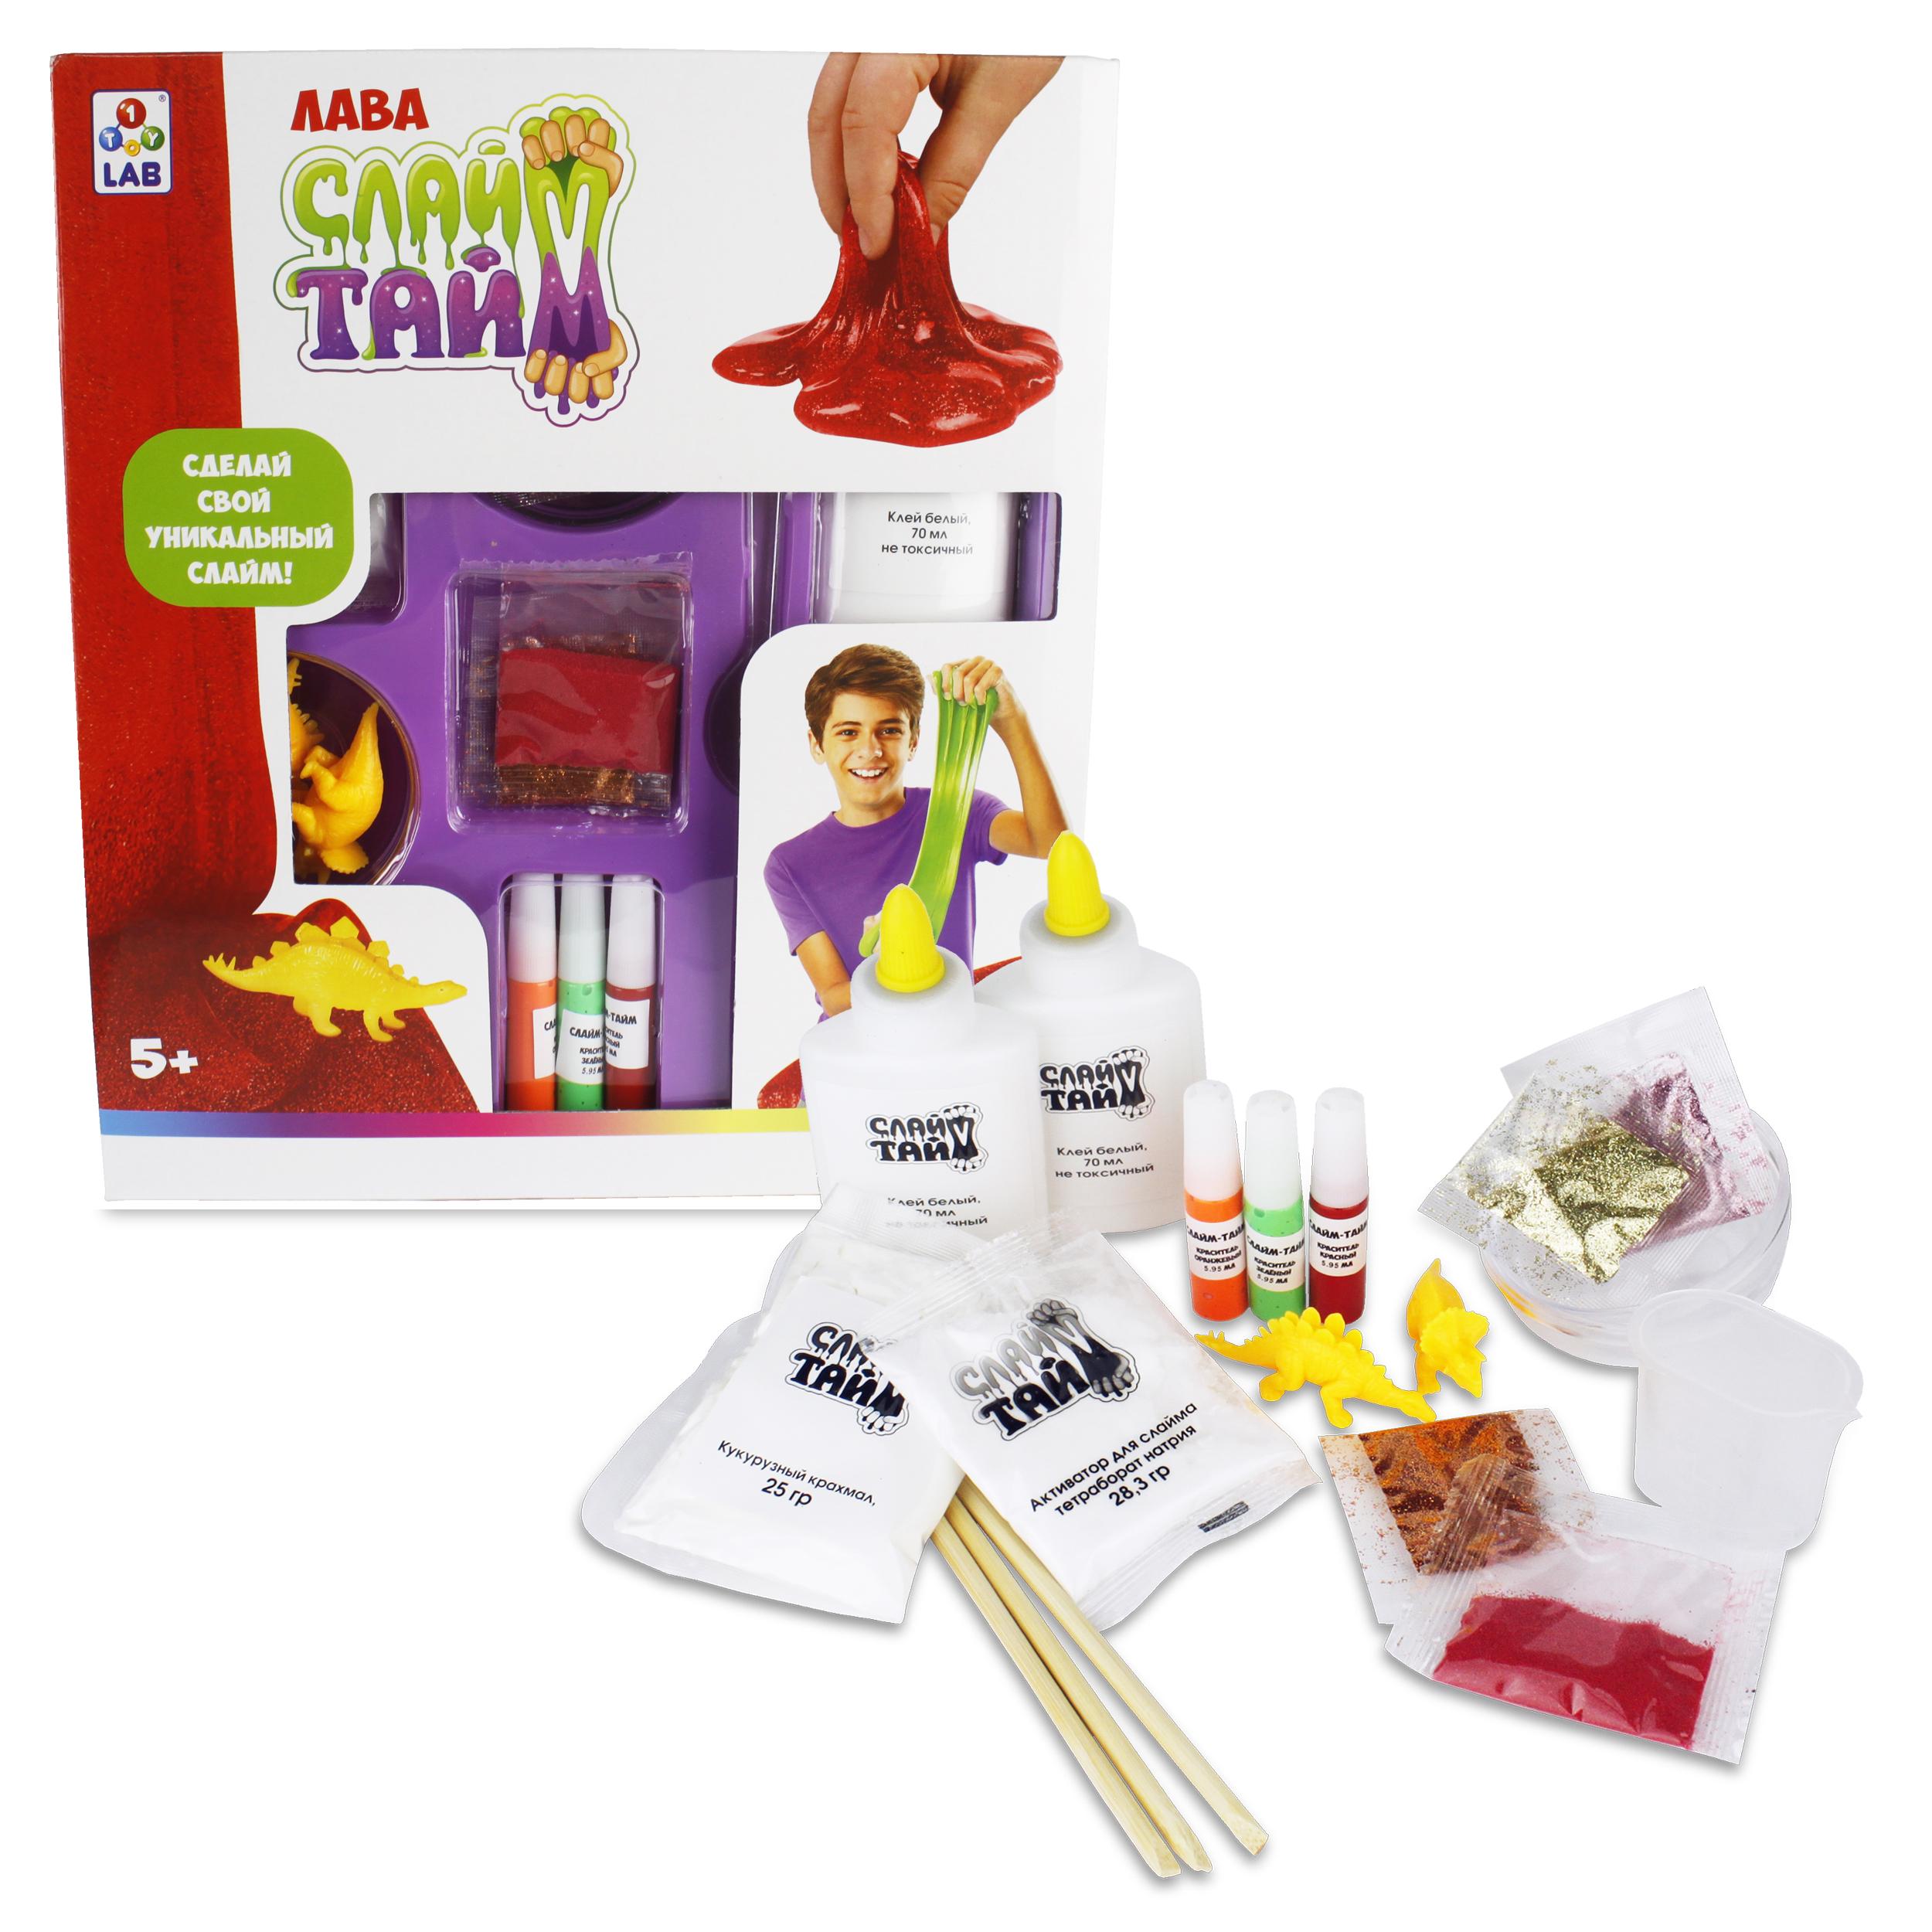 Набор для изготовления слайм 1toy «Слайм Тайм. Лава» в коробке с окном набор для изготовления слайма 1toy сделай слайм многоцветный т12028